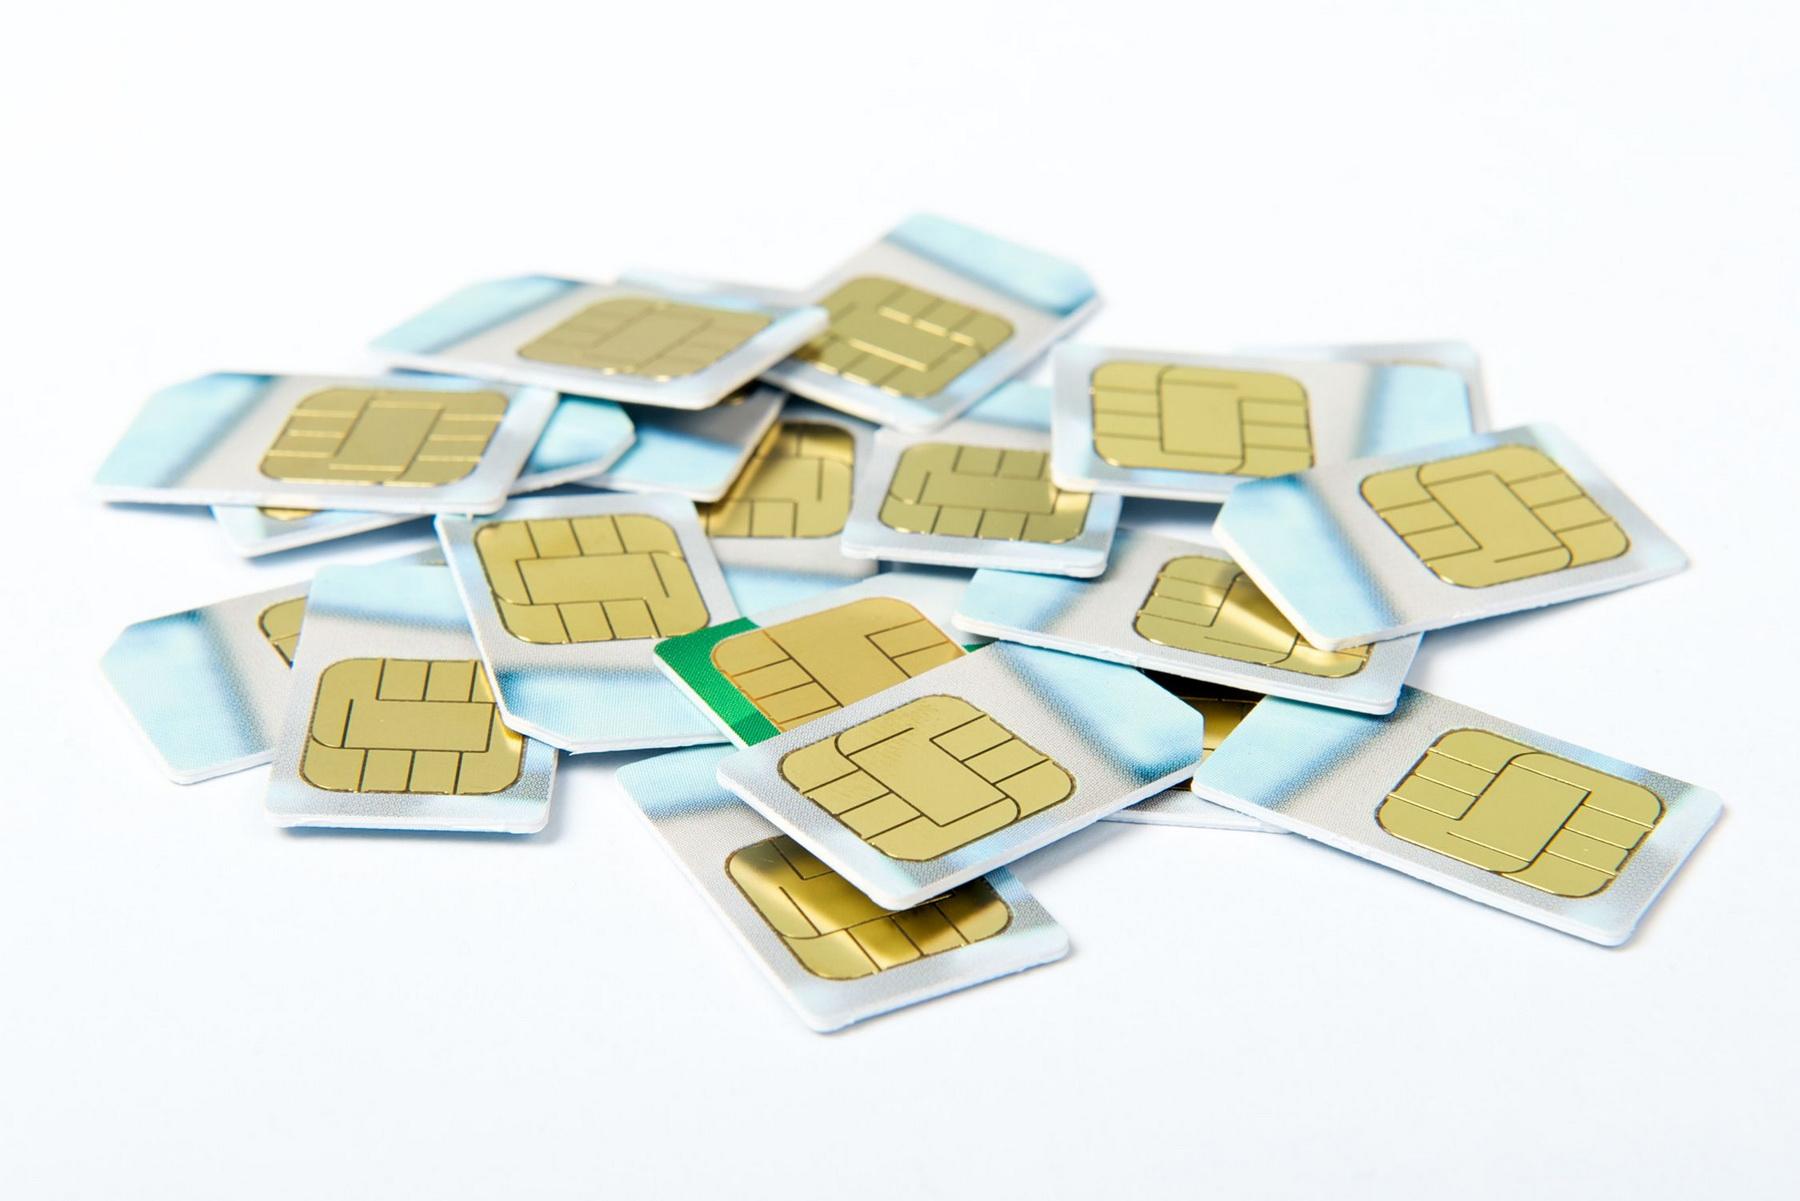 Bitcoin-инвестор подал в суд на AT&T, потеряв 23 000 000 долларов из-за мошенничества с SIM-картой